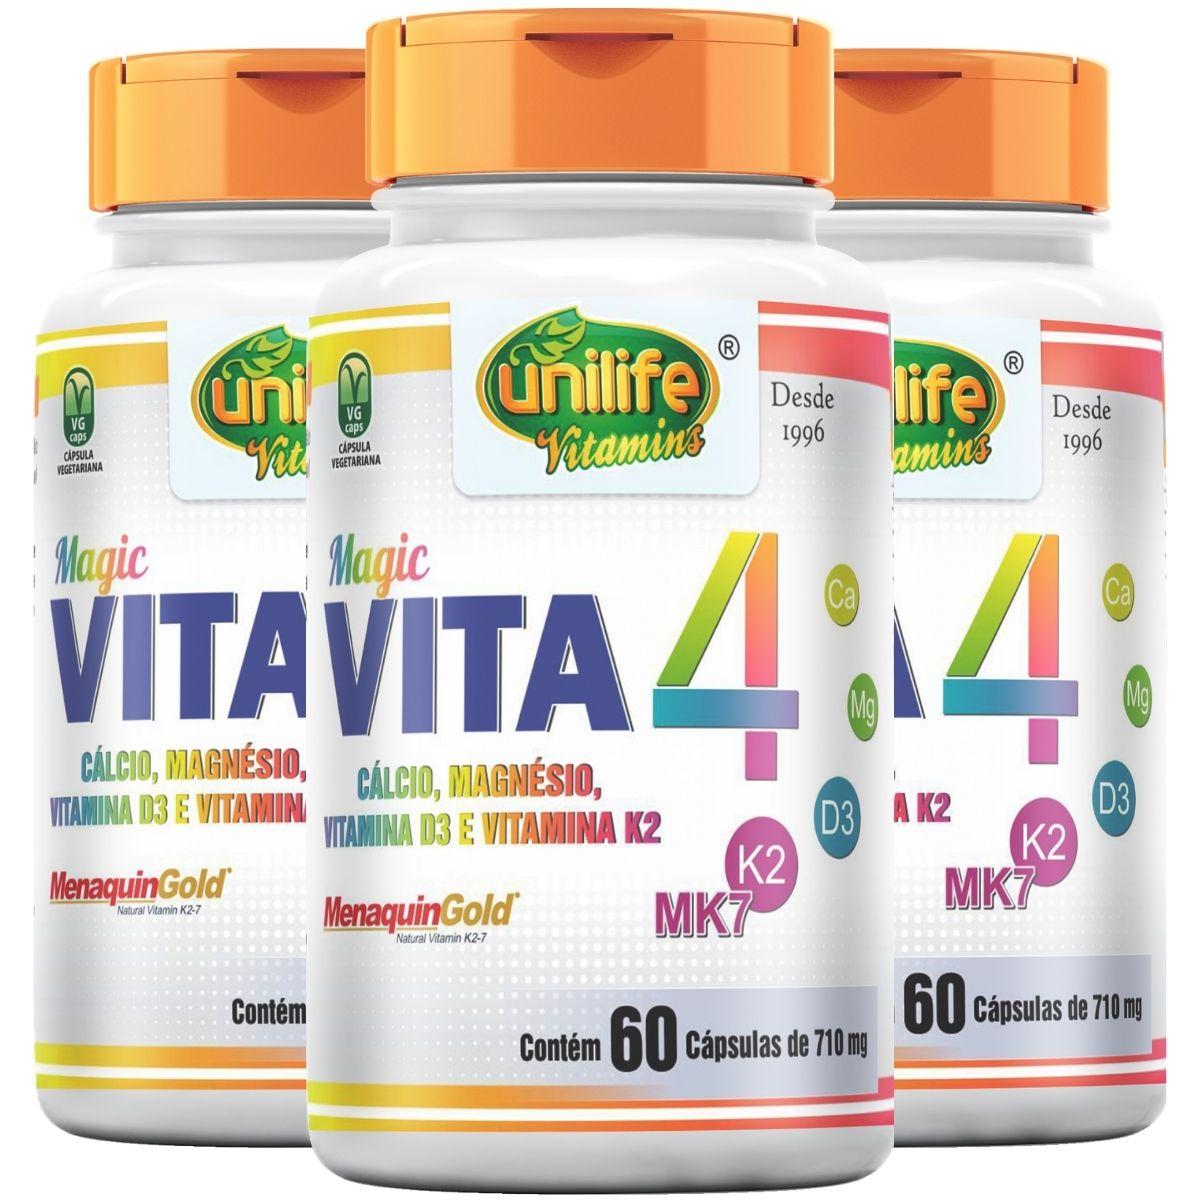 Kit 3 VITA 4 - Cálcio, Magnésio, Vitamina D3 E K2 60 Cápsulas 710mg - Unilife